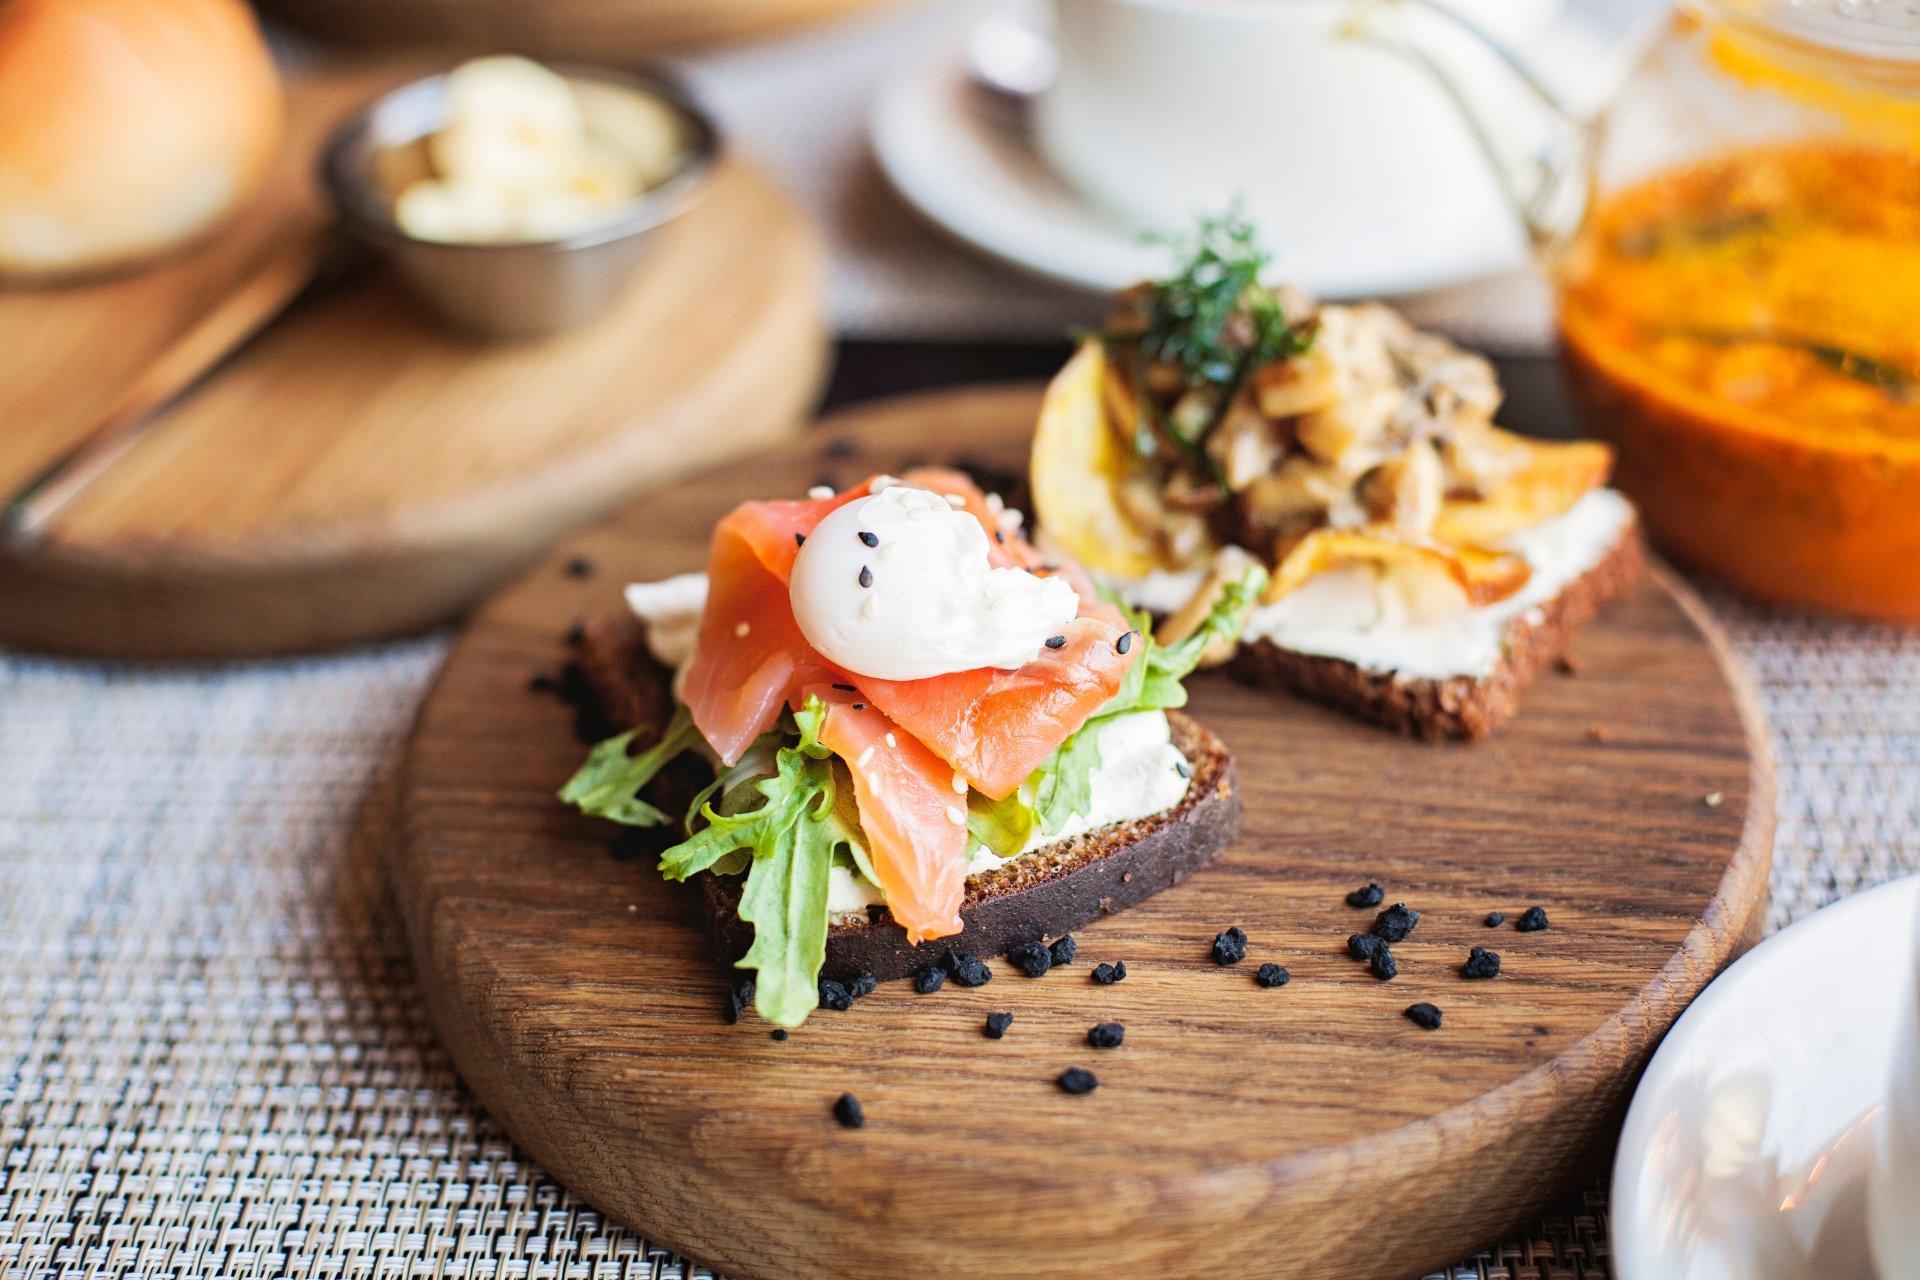 Copenhague, una meca gastronómica